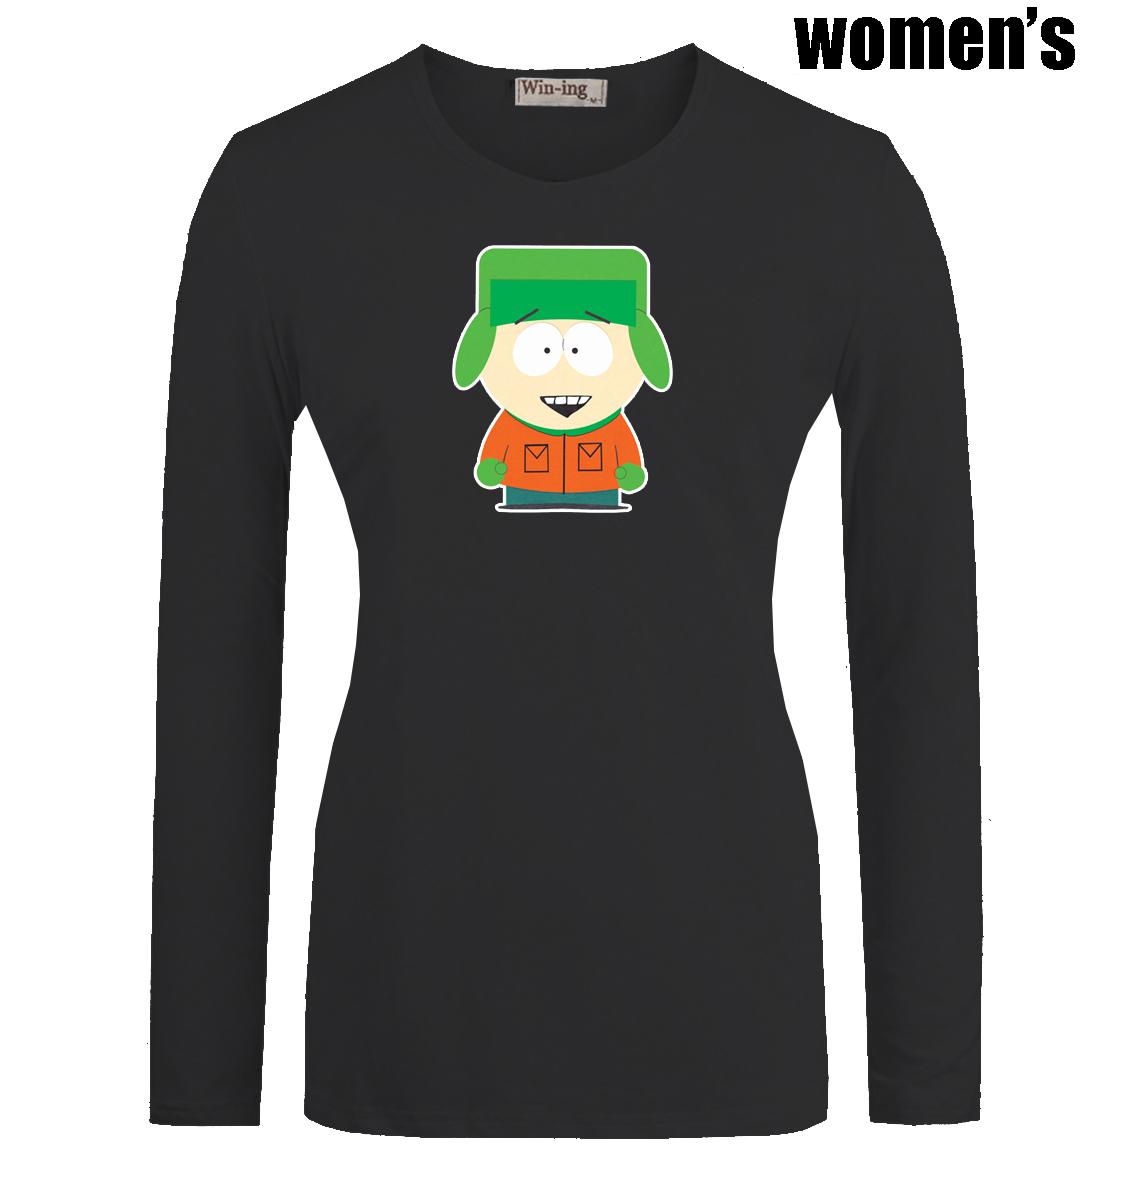 لطيف الكرتون ساوث بارك كايل broflovski المطبوعة t-shirt أحدث فتاة عارضة طويلة الأكمام عالية الجودة المرأة الجرافيك المحملة القمم(China (Mainland))